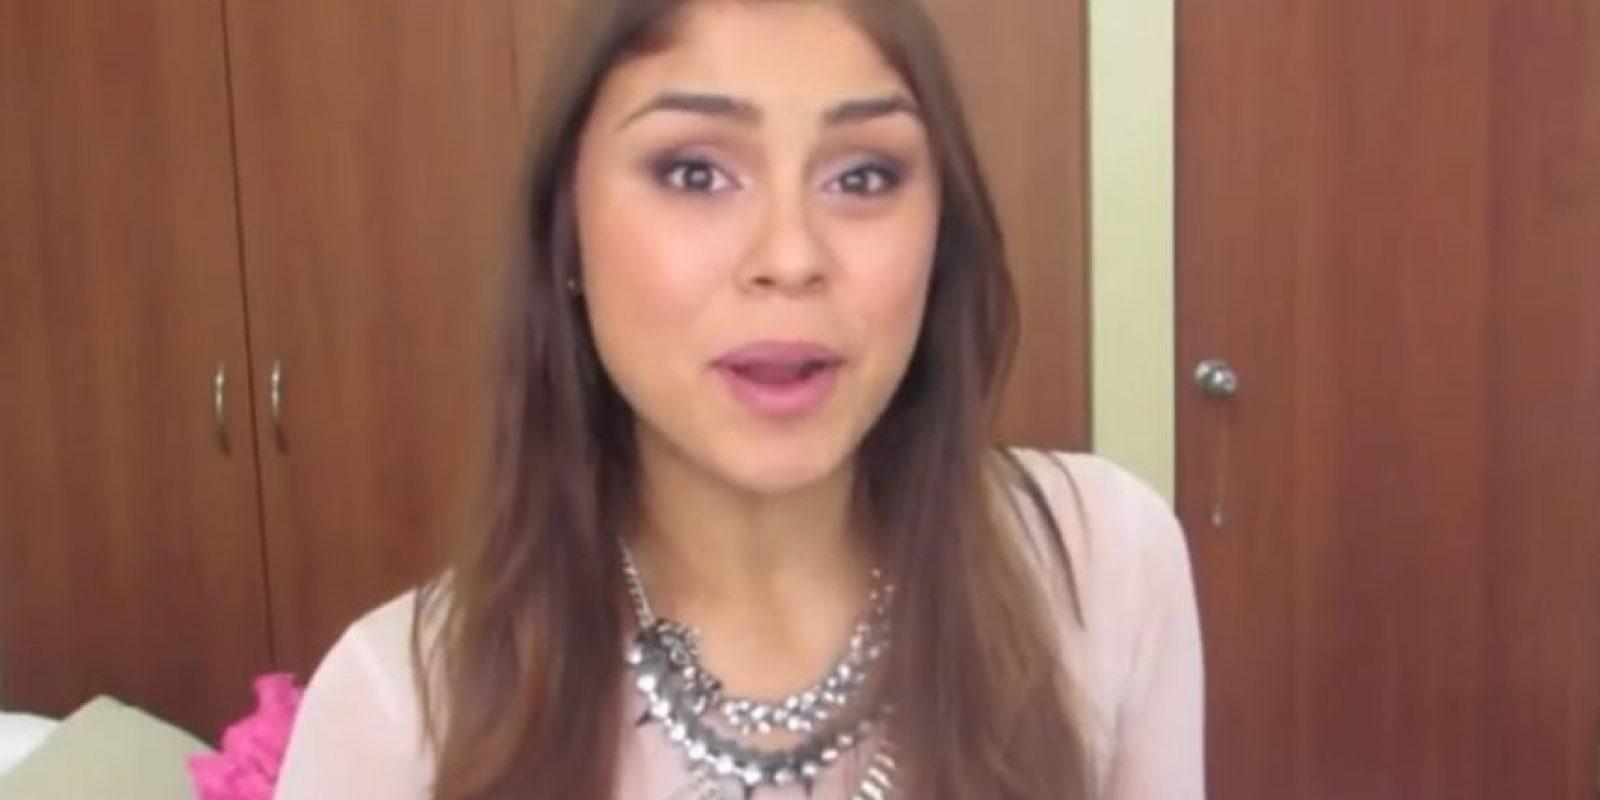 """Paula Galindo tiene 20 años, es colombiana y es la famosa """"Pautips"""" en Youtube. Foto:Youtube/Pautips"""